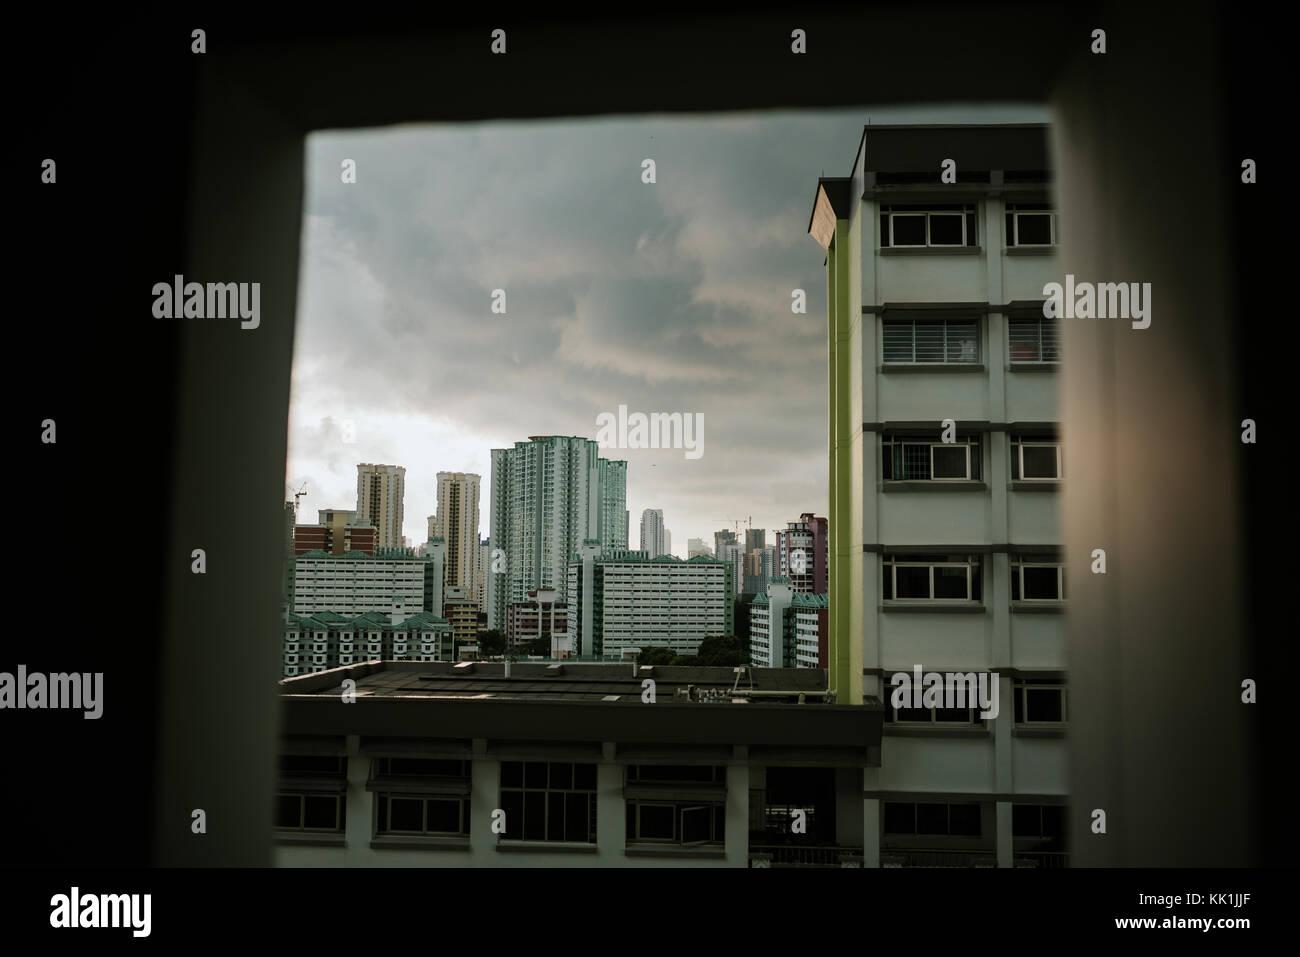 Public residential condominium building complex in Sigapore - Stock Image